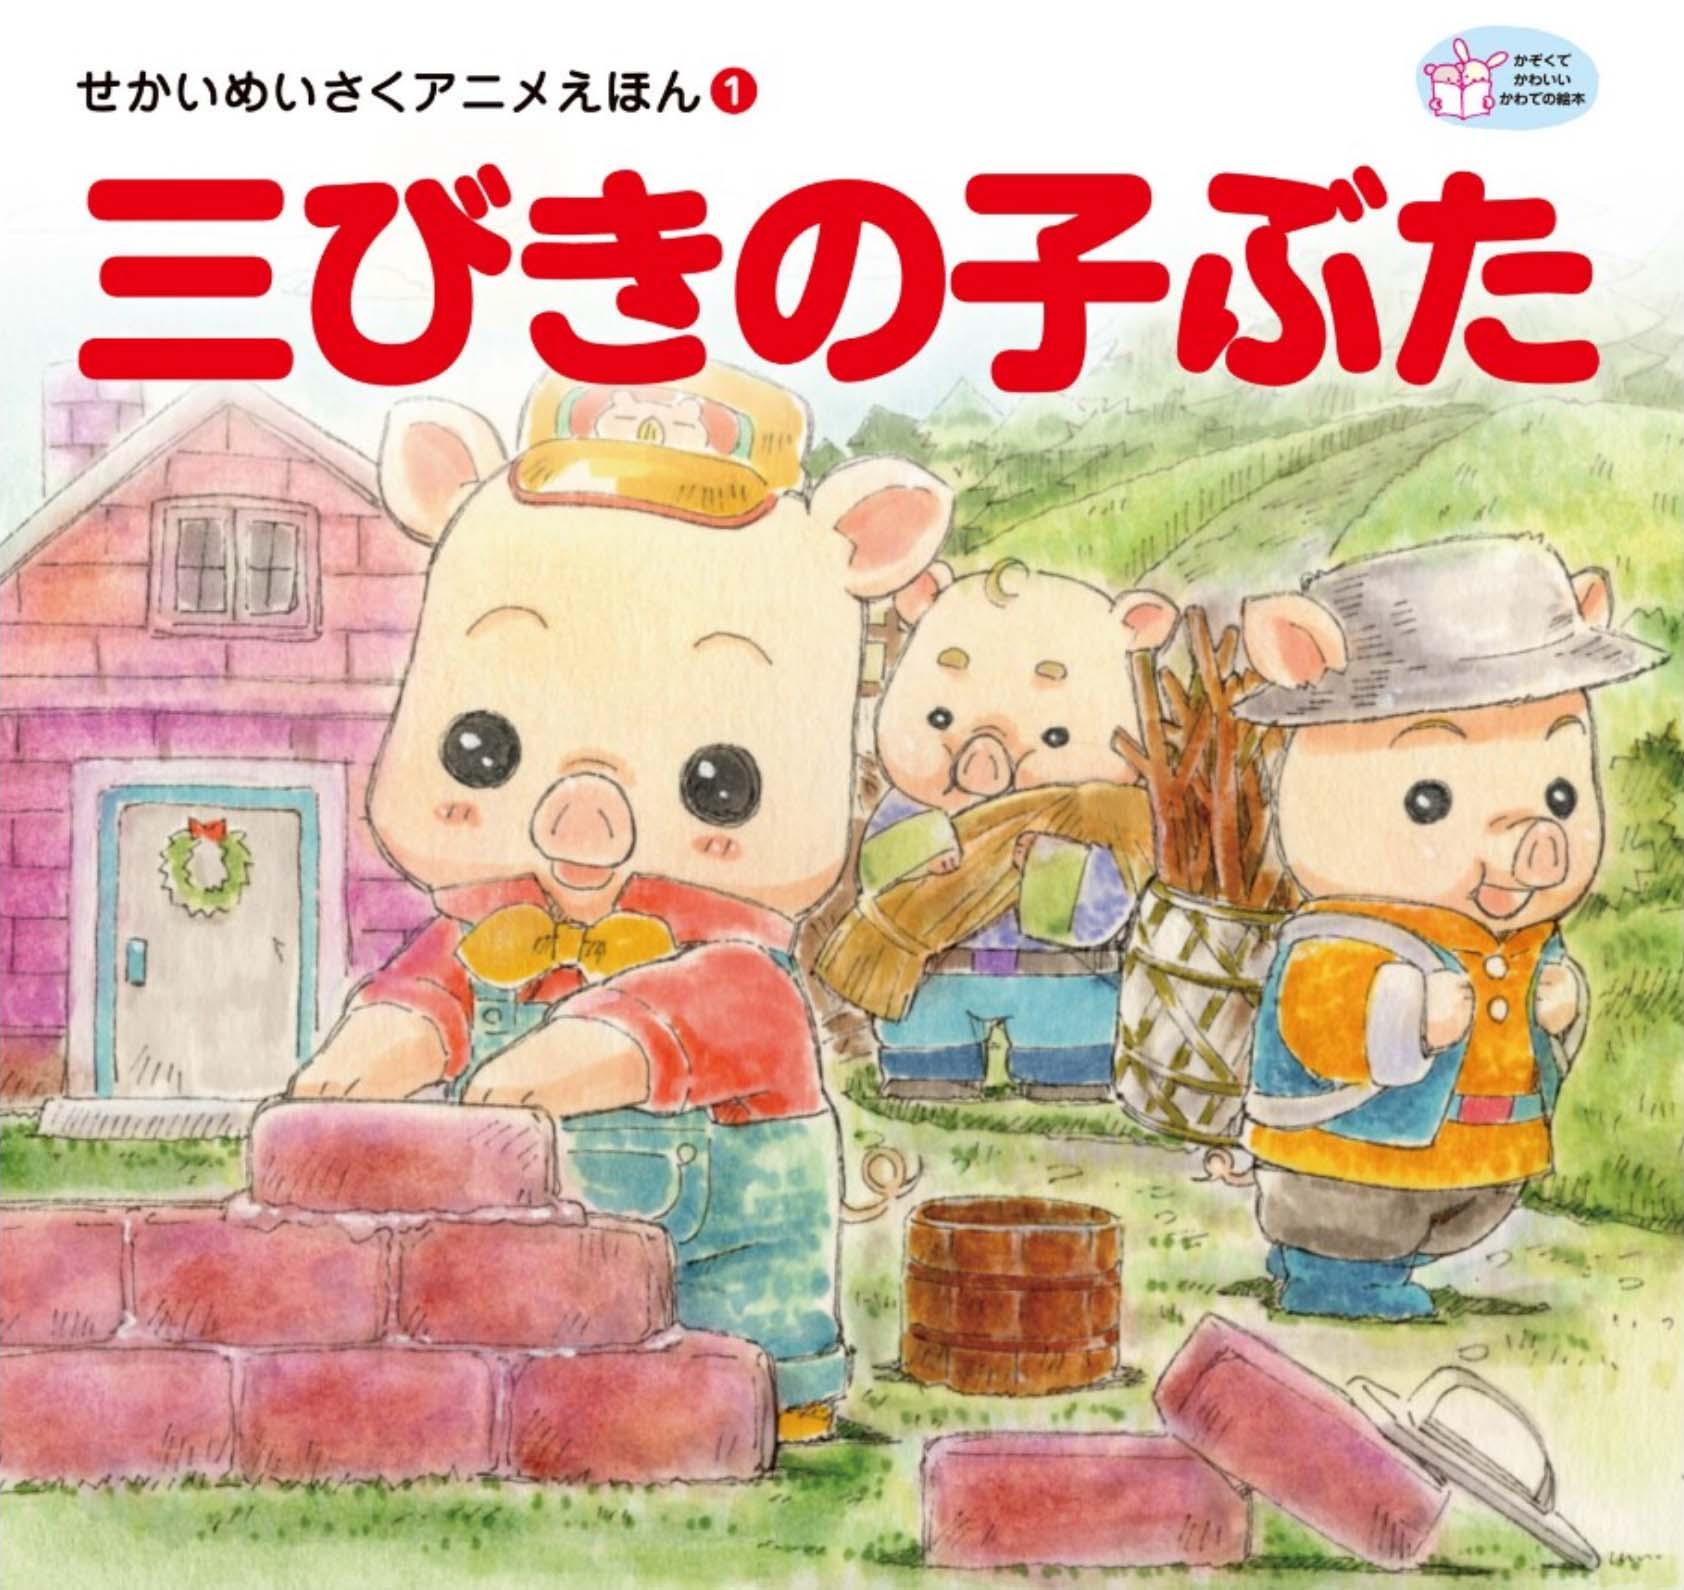 絵本「三びきの子ぶた」の表紙